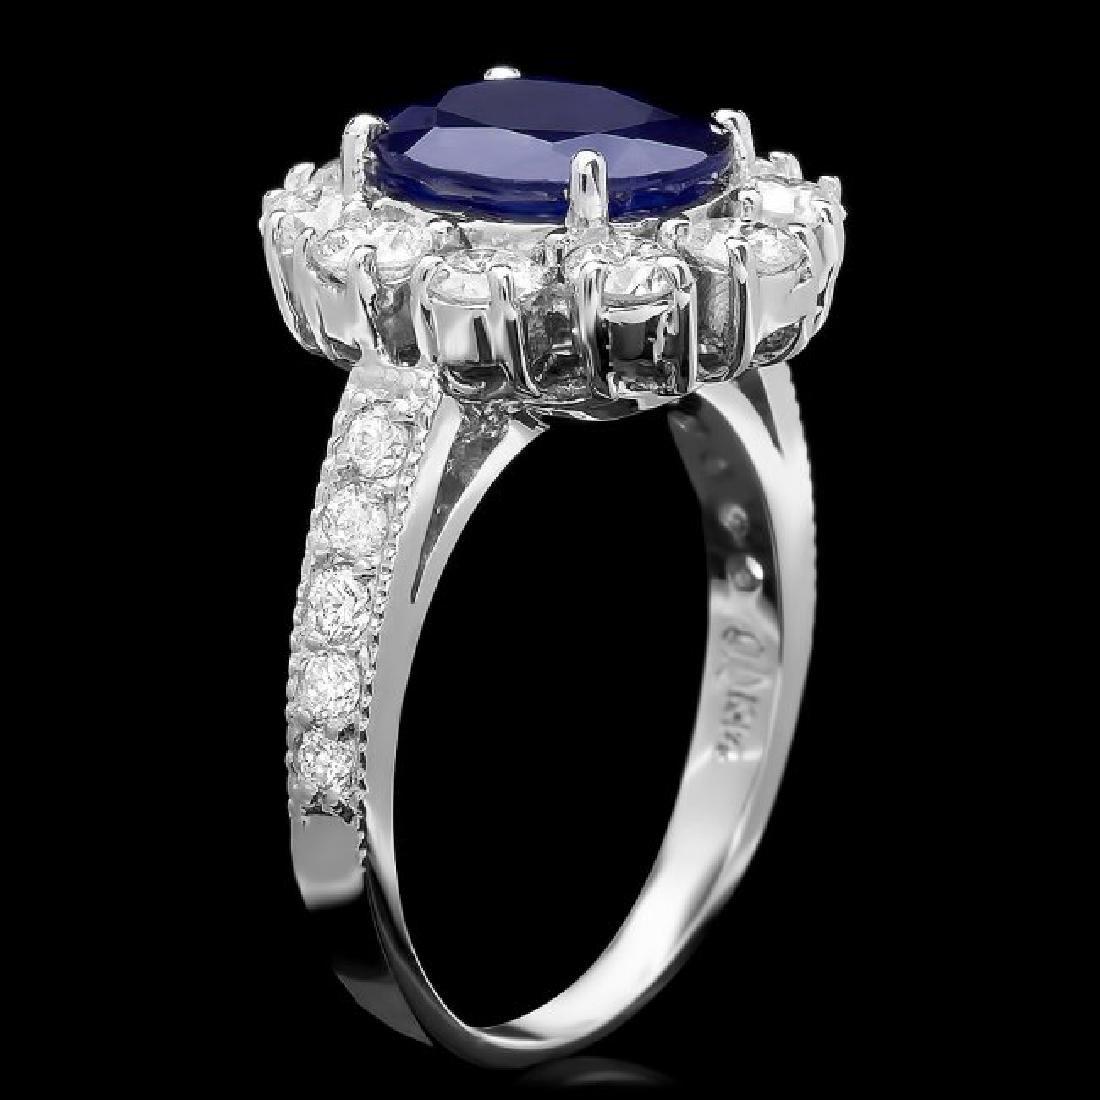 14k White Gold 2.60ct Sapphire 1.5ct Diamond Ring - 2